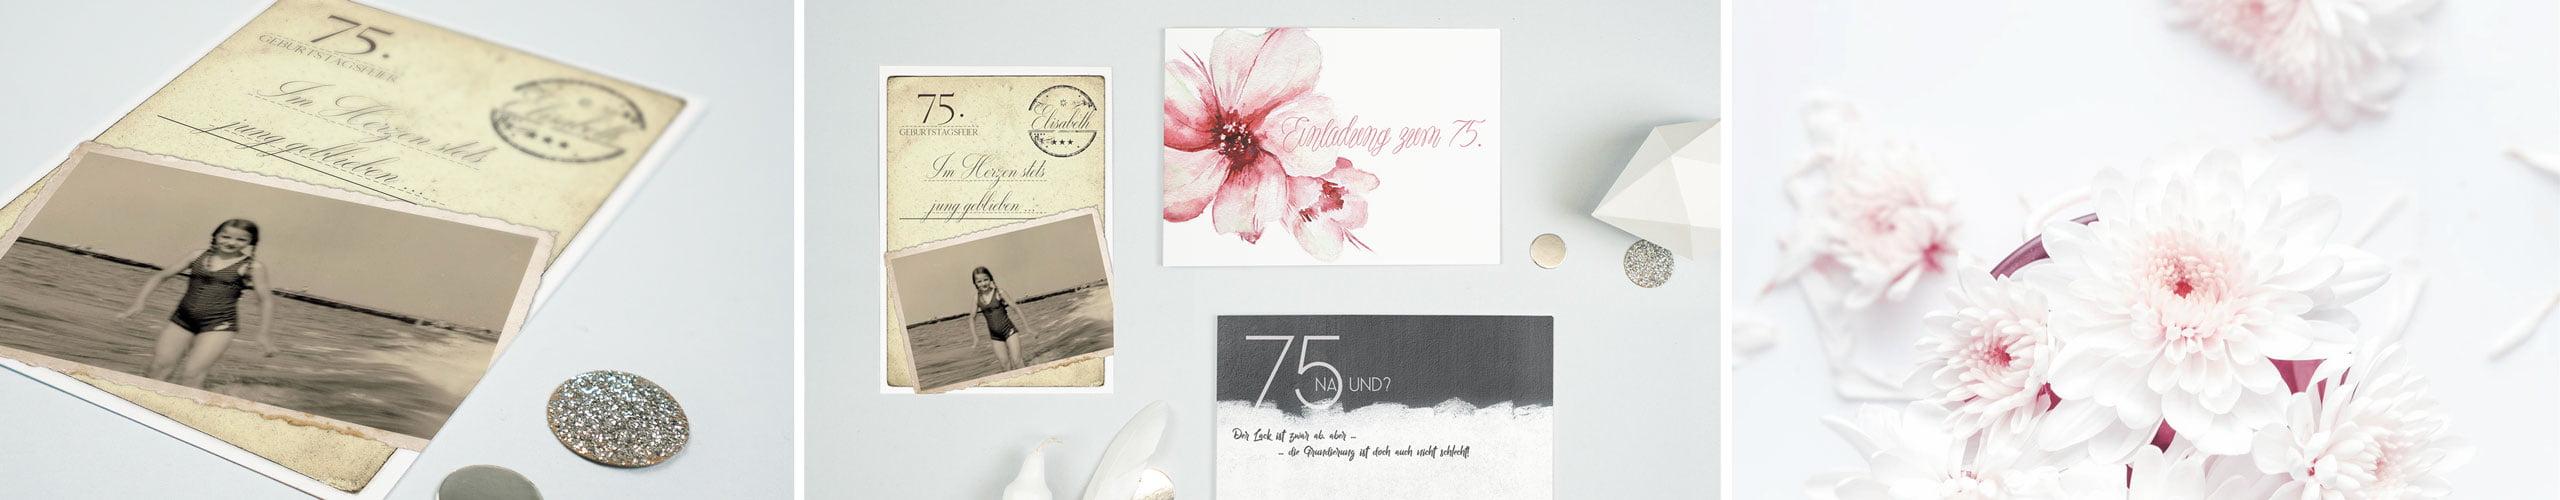 Einladungen Zum 75 Geburtstag